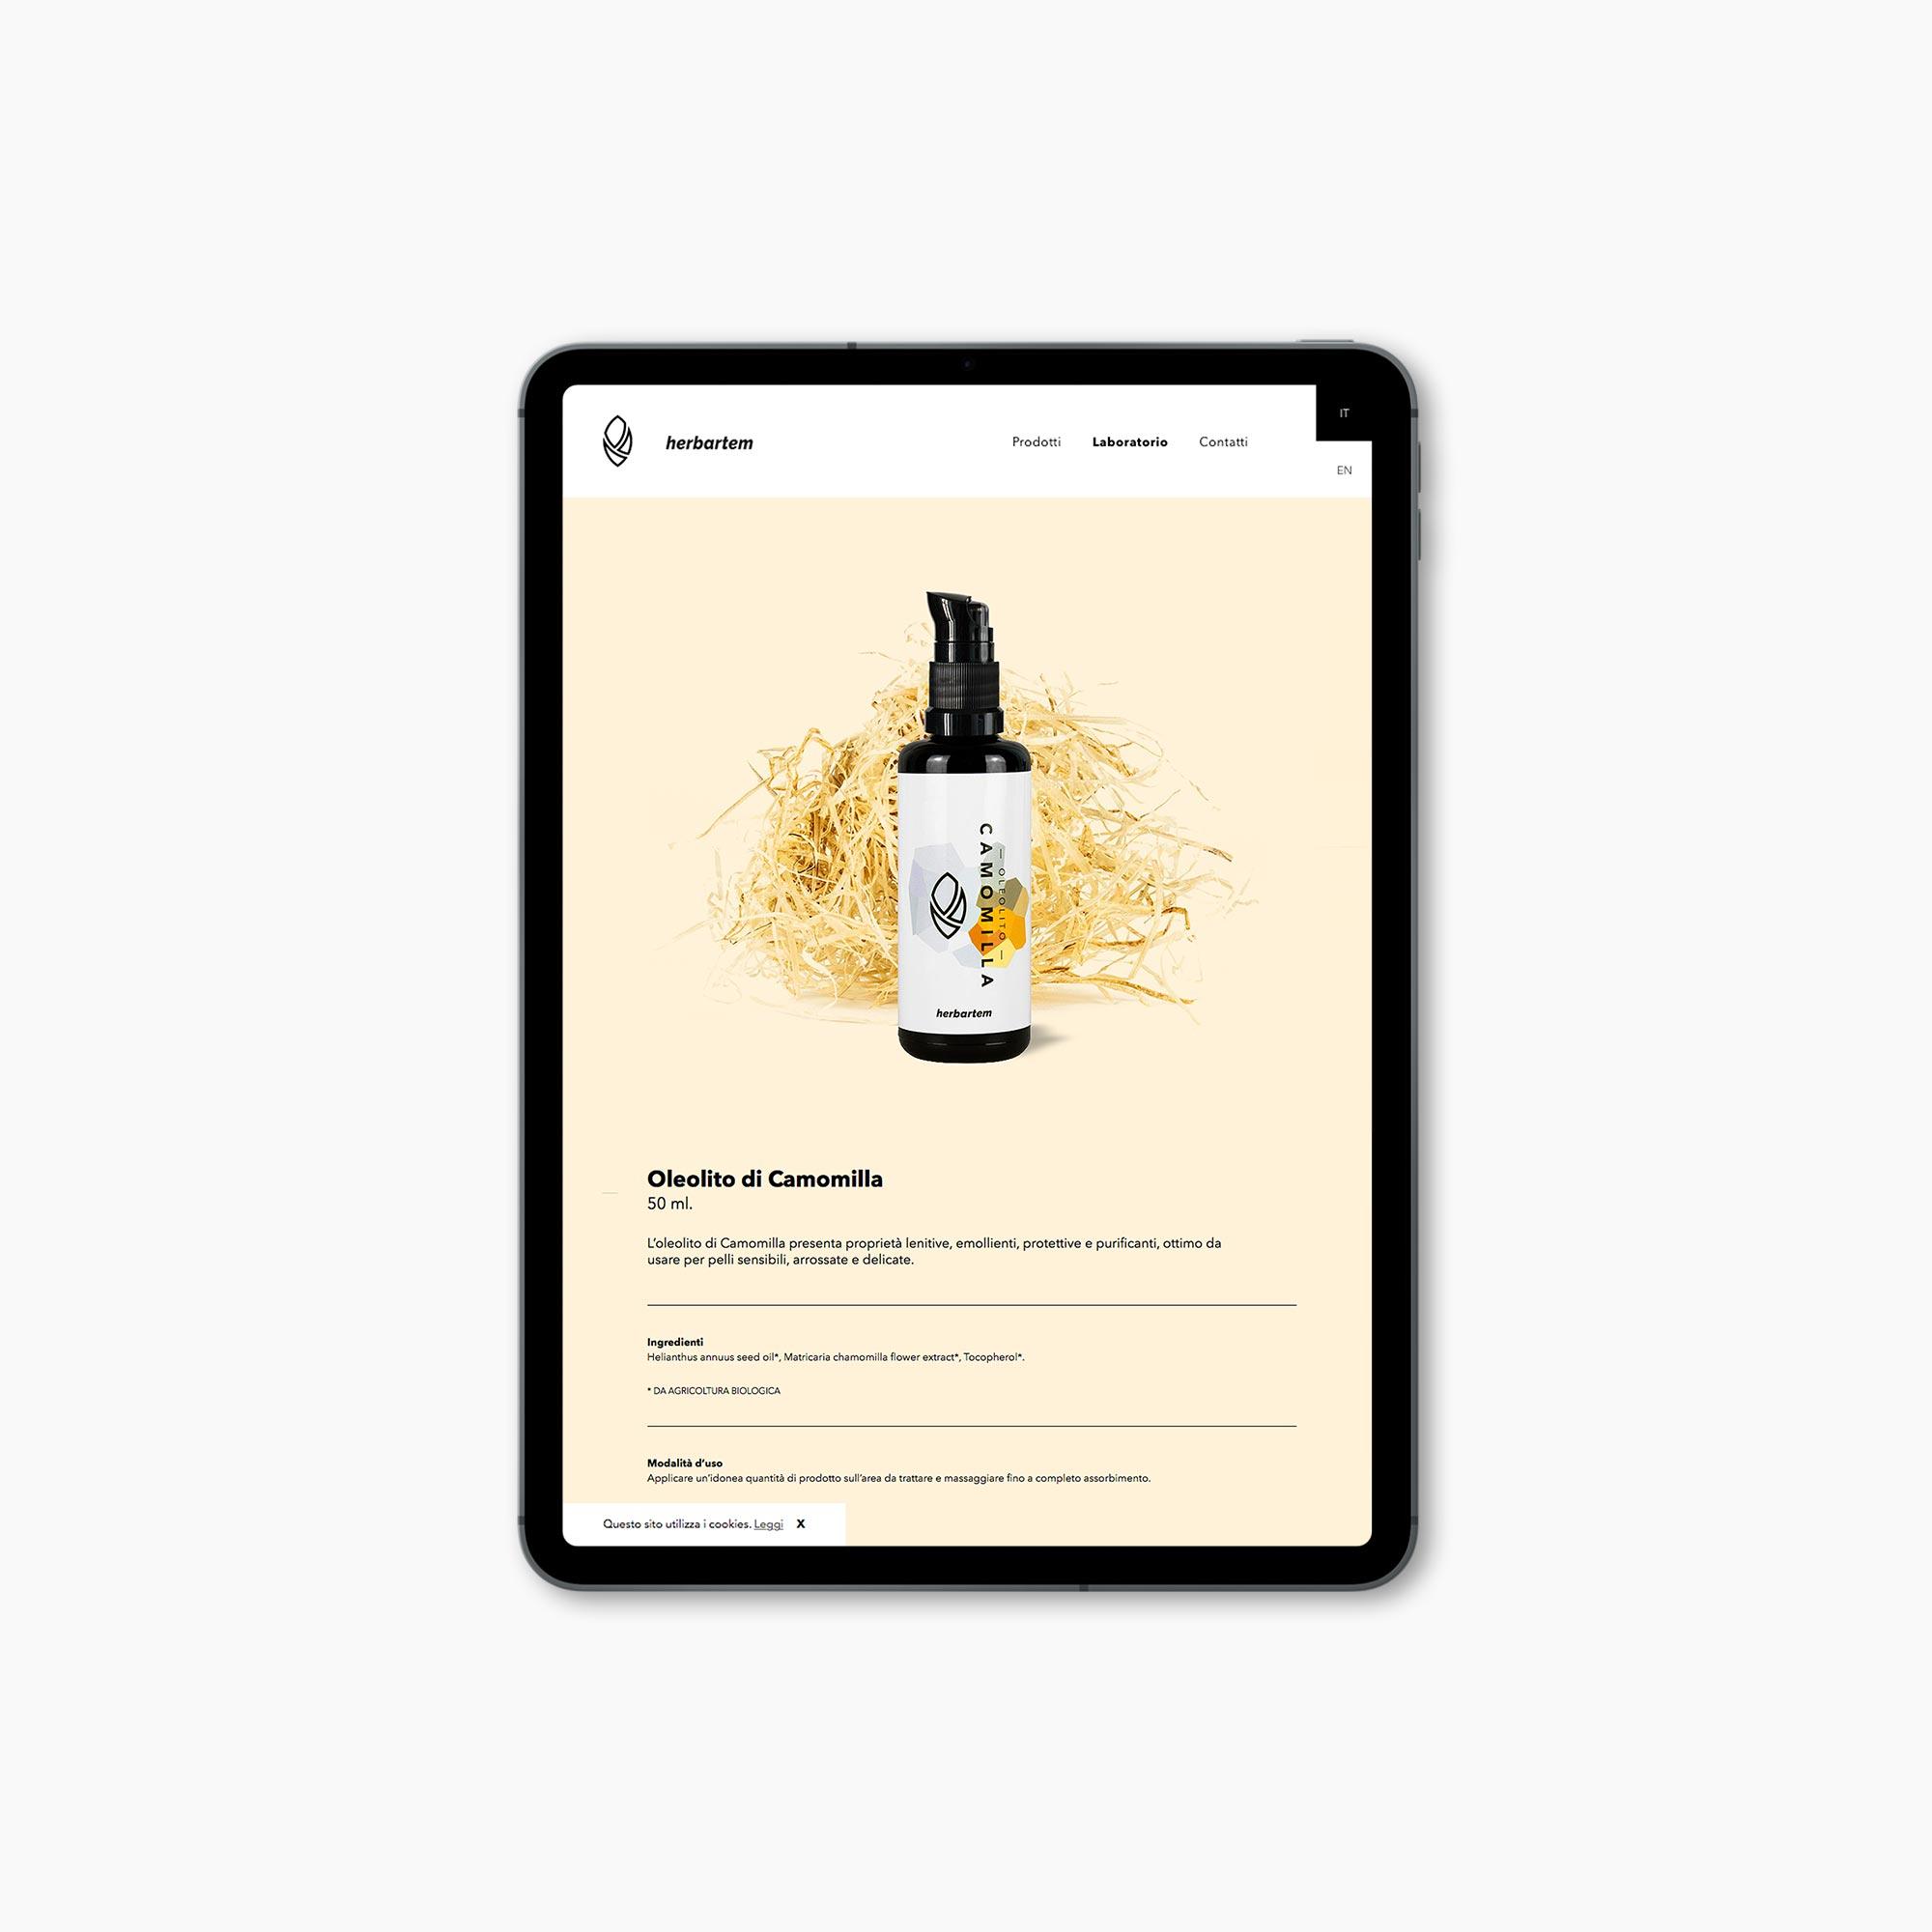 Progetto grafico pagina oleoliti